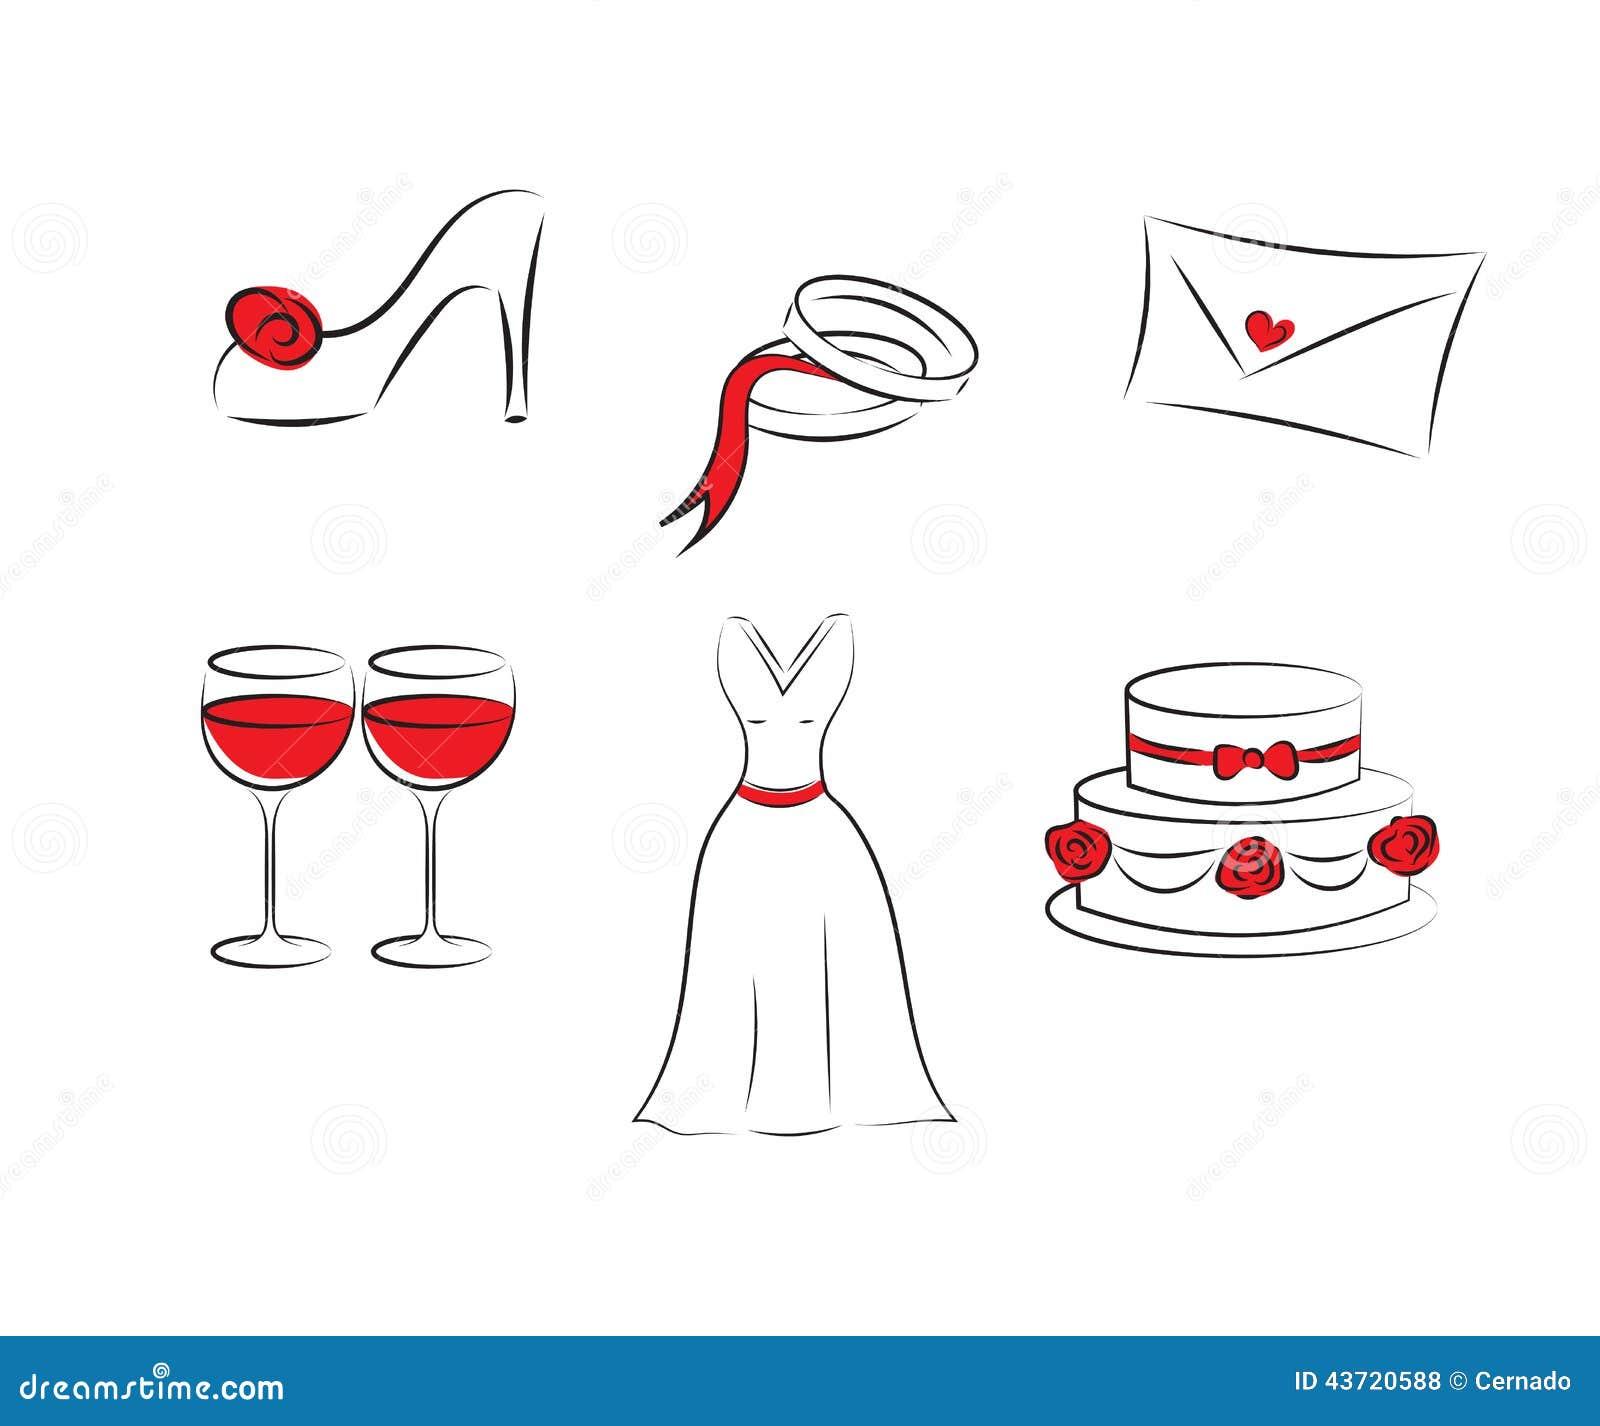 images clipart mariage gratuites - photo #32